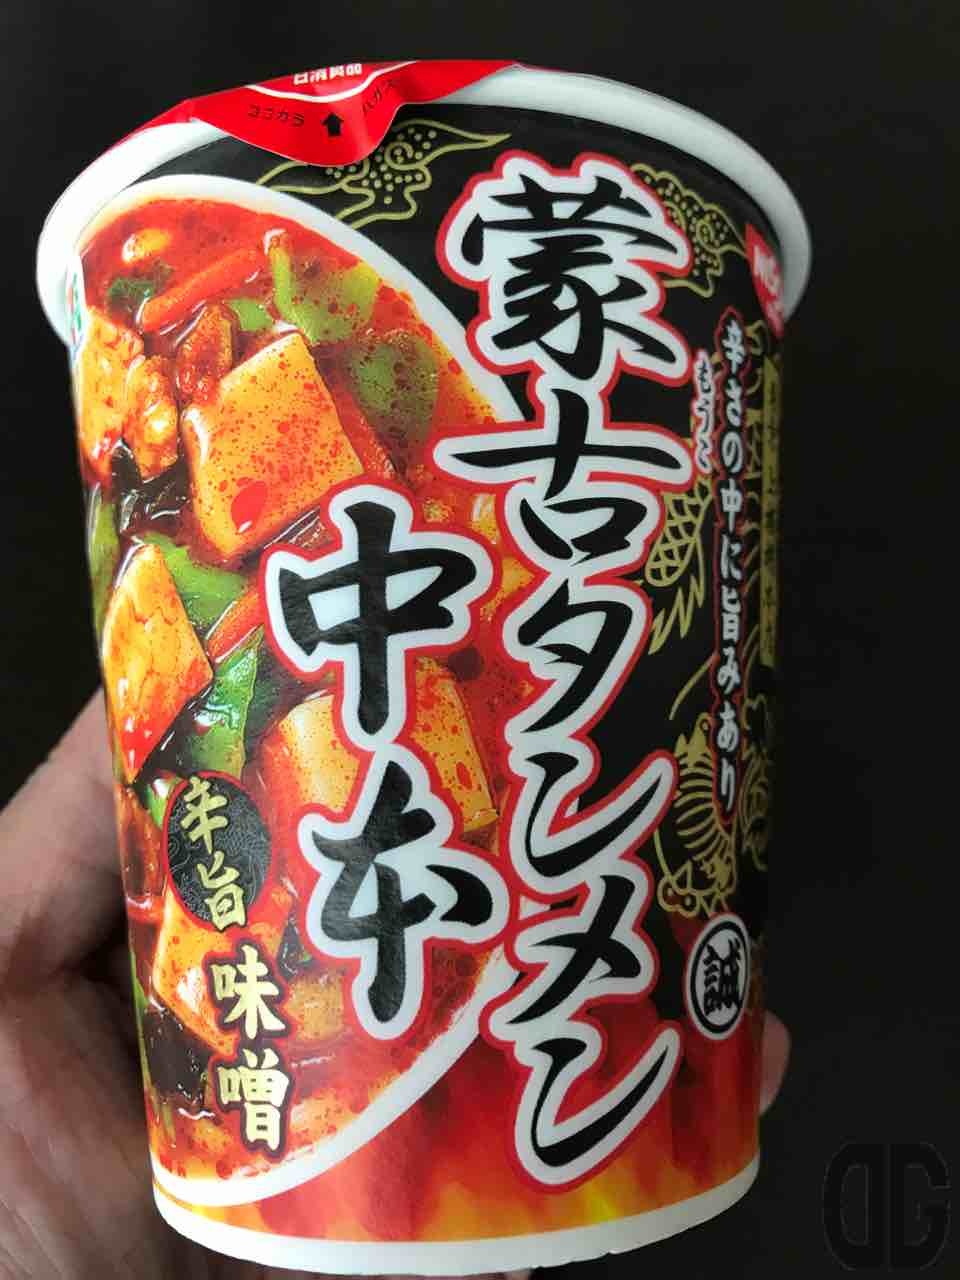 蒙古タンメン中本カップ麺。セブンイレブン限定の蒙古タンメンは野菜と豆腐がたっぷり入ったボリュームある辛旨味噌ラーメン♪